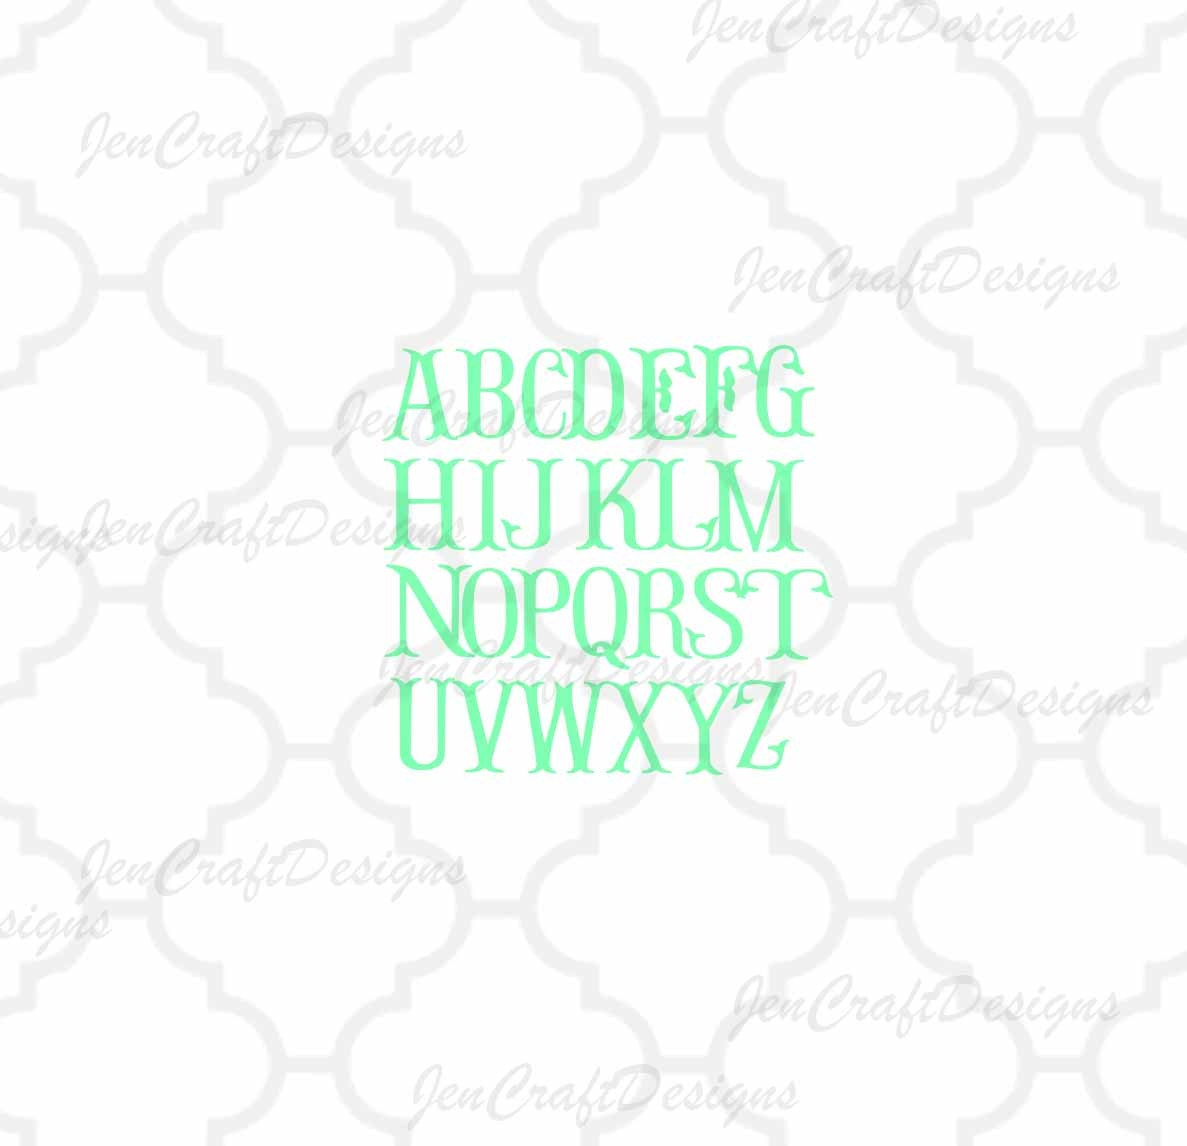 Download Fishtail Svg Fish Hook Monogram Font Monogram Svg Monogram Letters Alphabet Svg Files Svg Eps Dxf Cut Files Cricut Silhouette